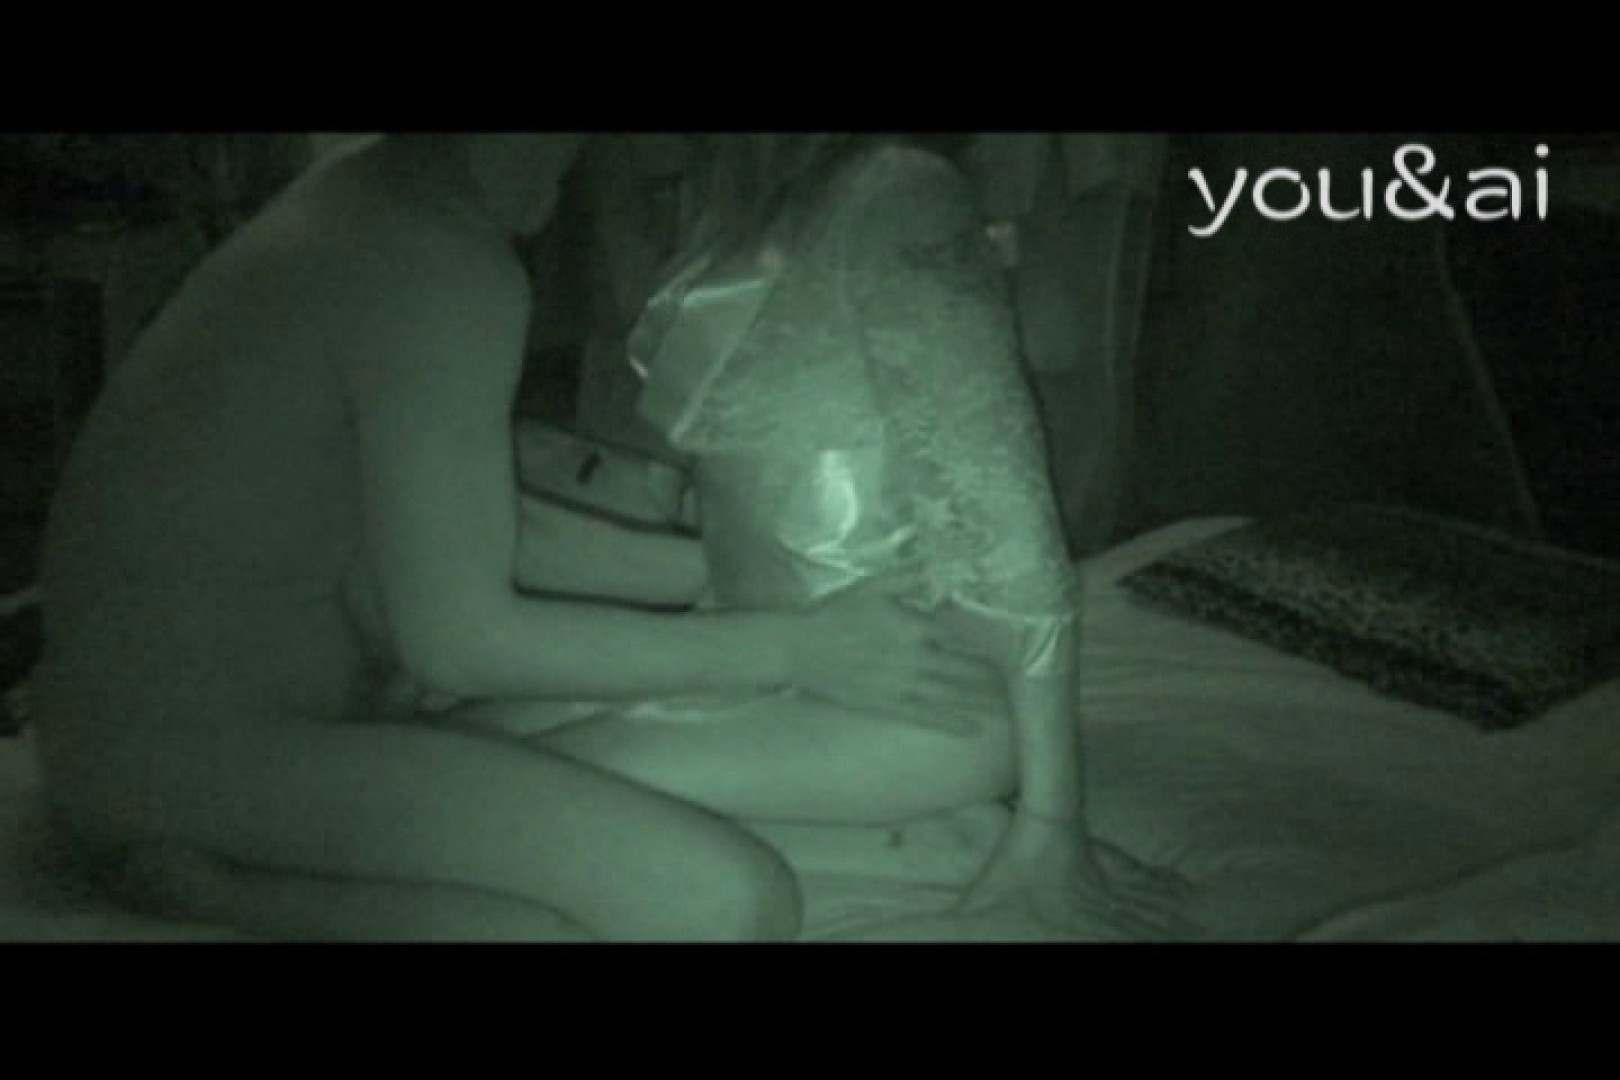 おしどり夫婦のyou&aiさん投稿作品vol.9 覗き   投稿  66画像 2